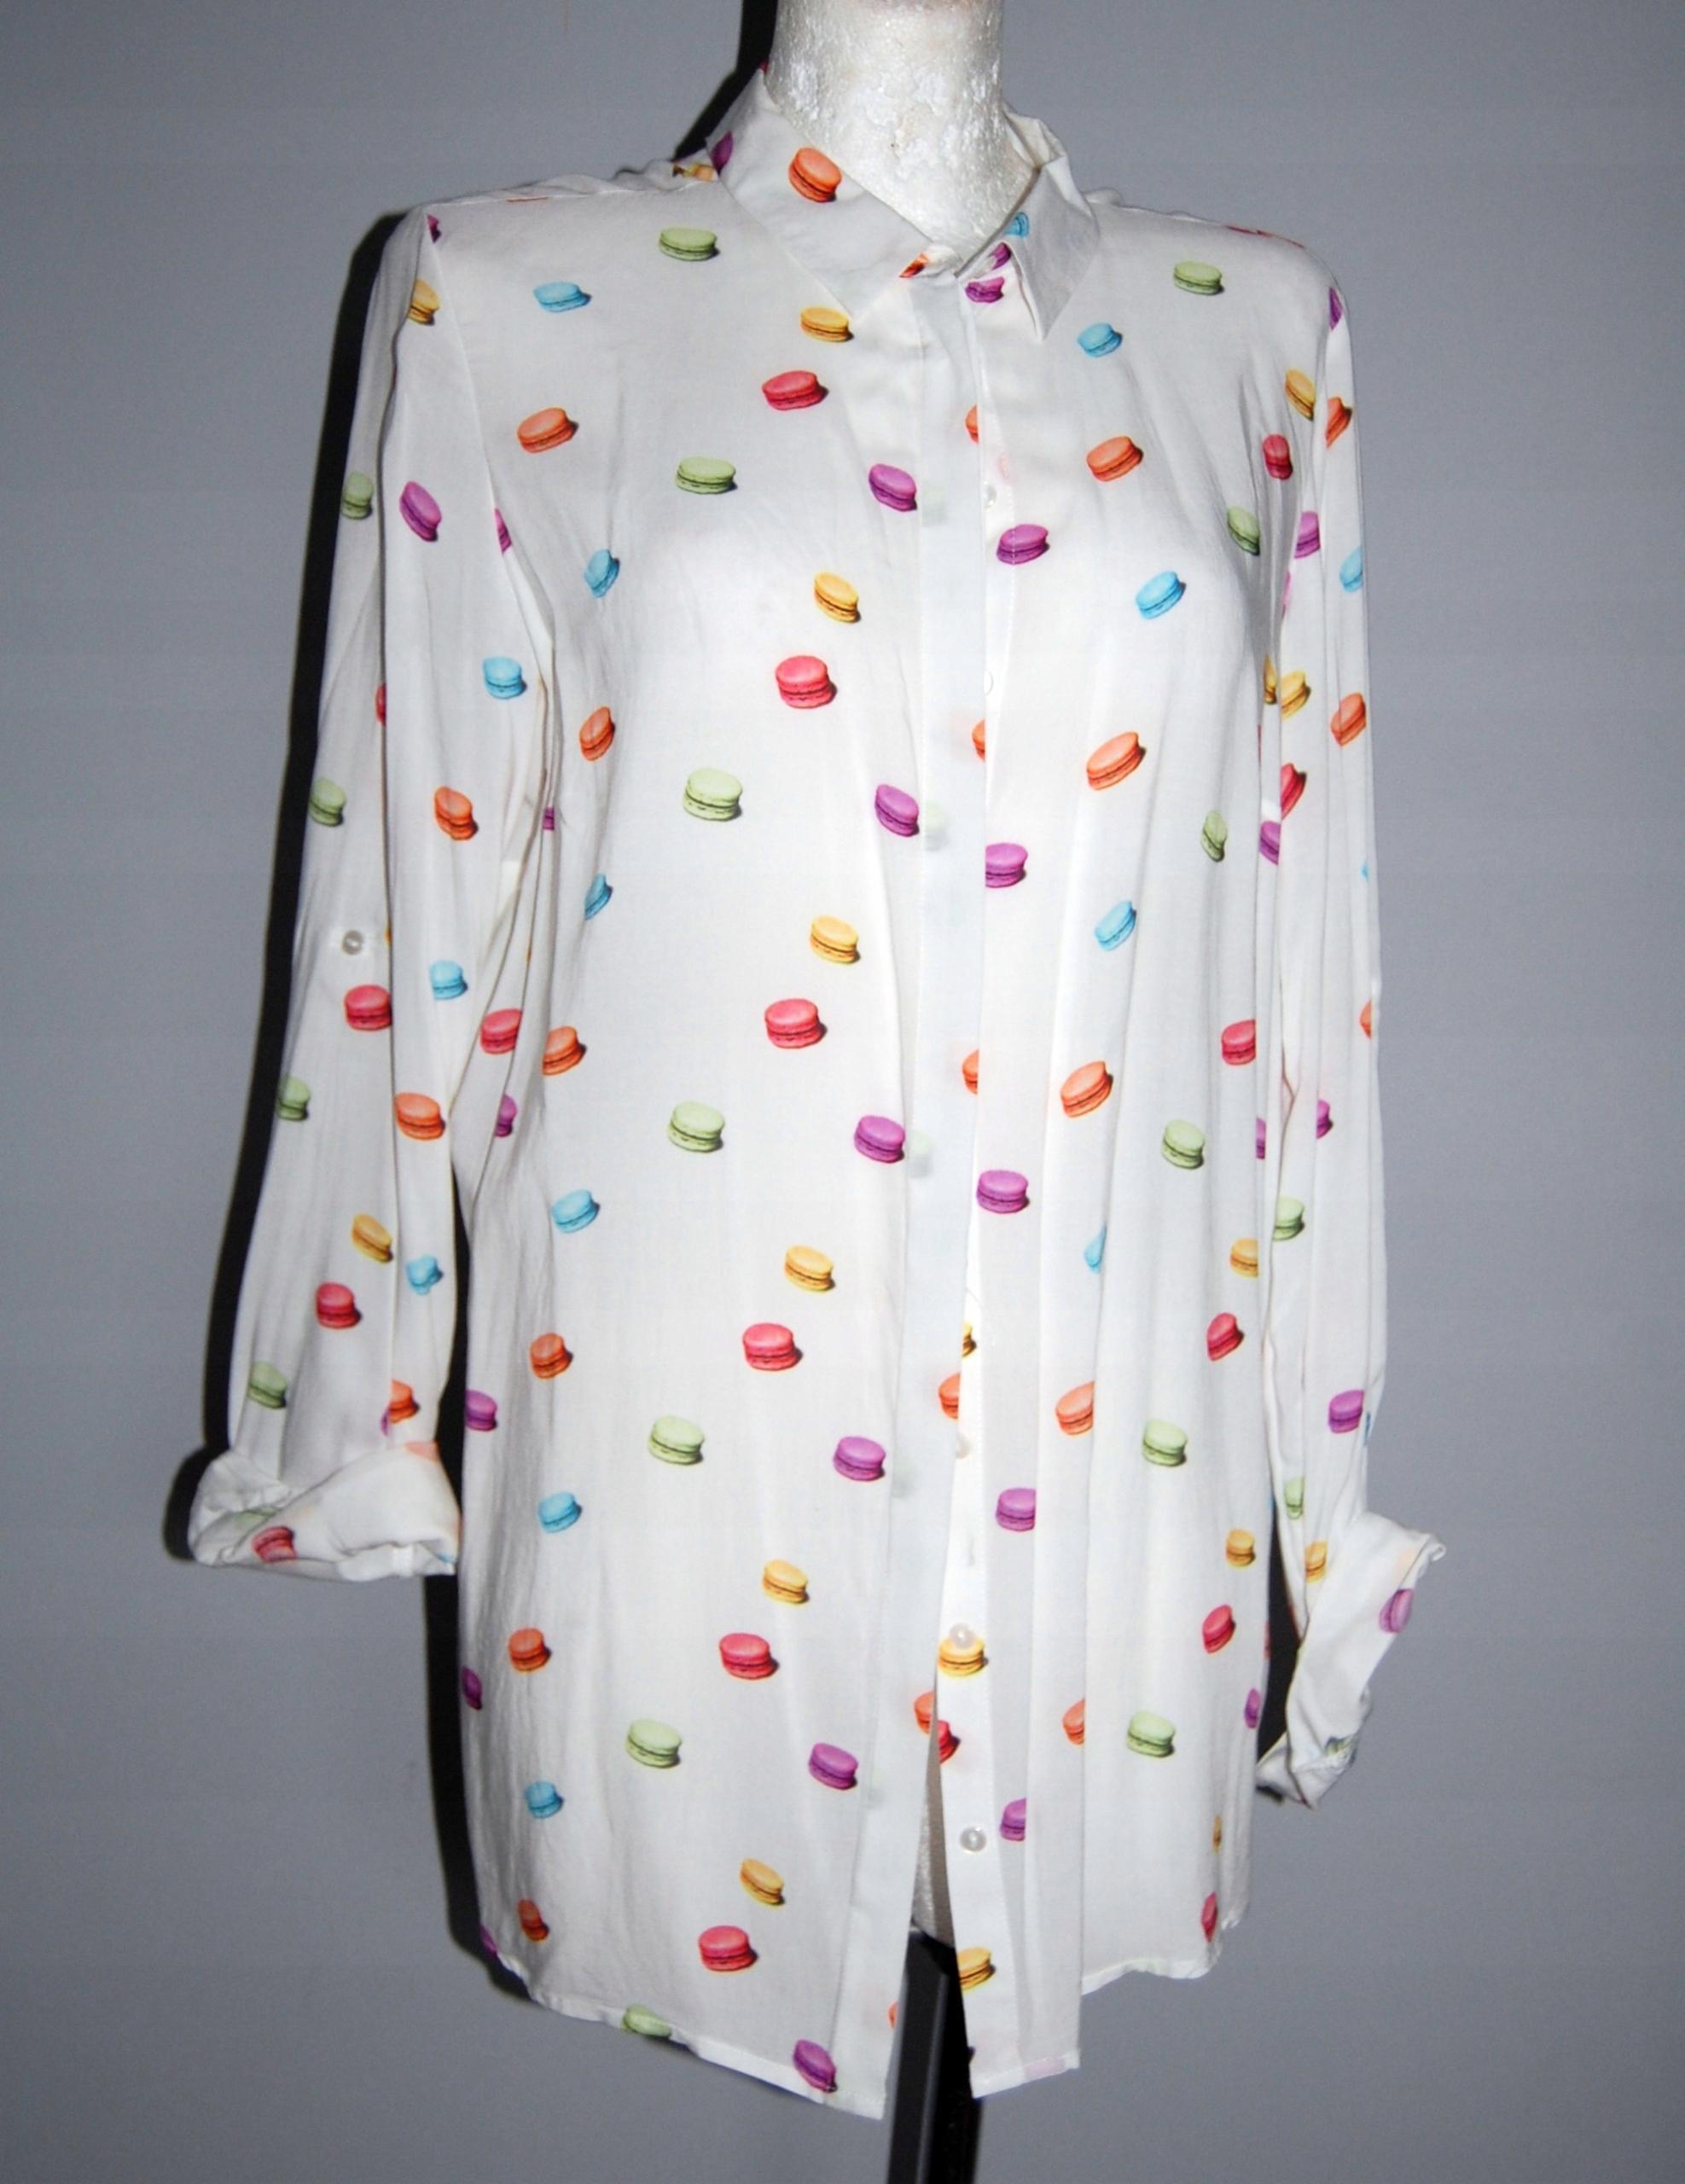 Inteligentny MOHITO biała koszula w makaroniki 42 XL - 7576732925 - oficjalne OT49